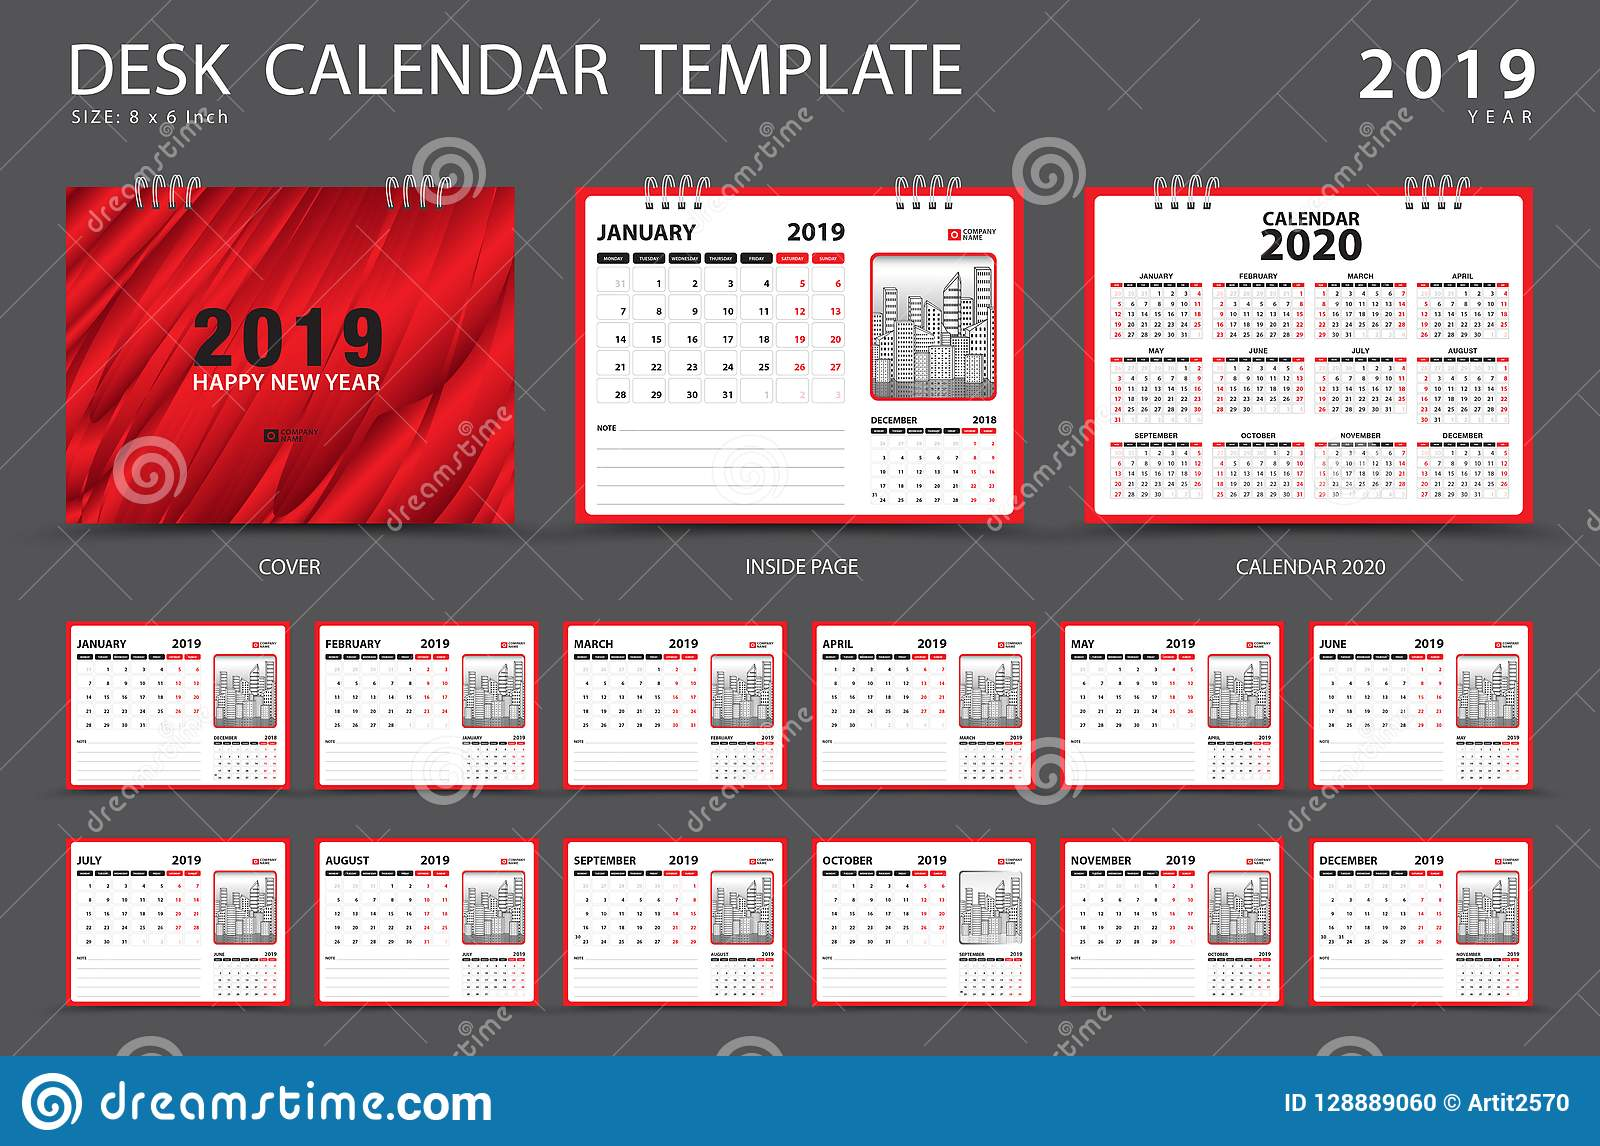 Calendar 2019 Desk Calendar Template Set Of 12 Months Planner